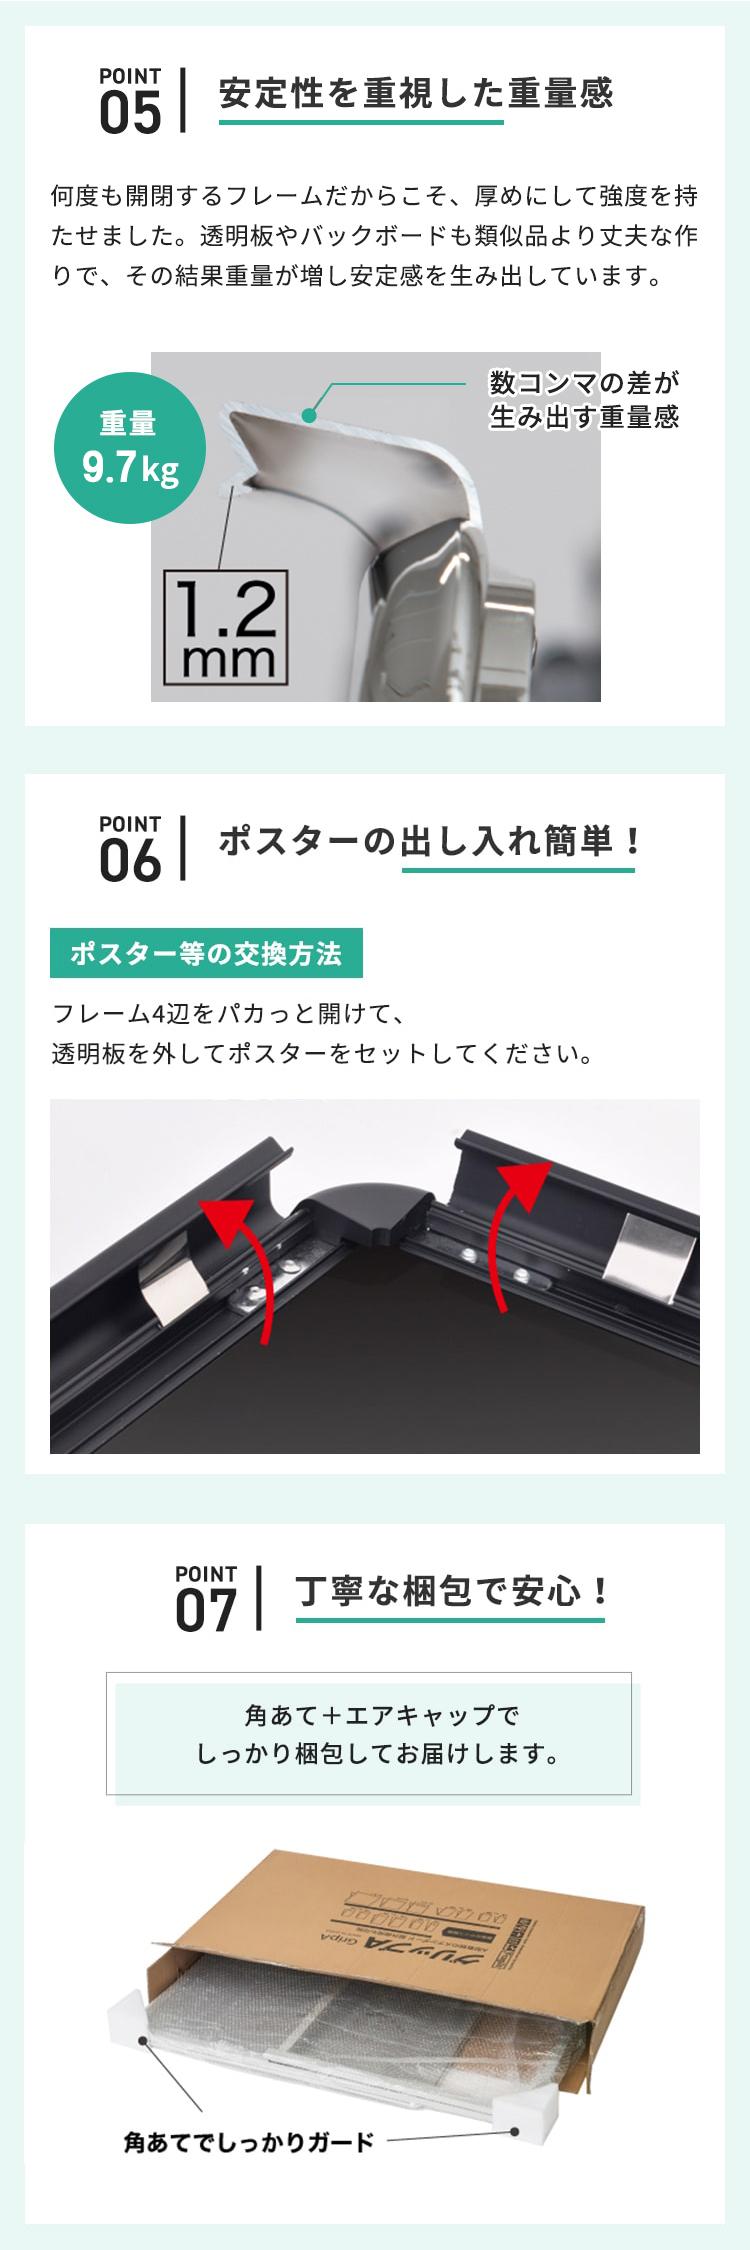 グリップA A1両面ロー 説明